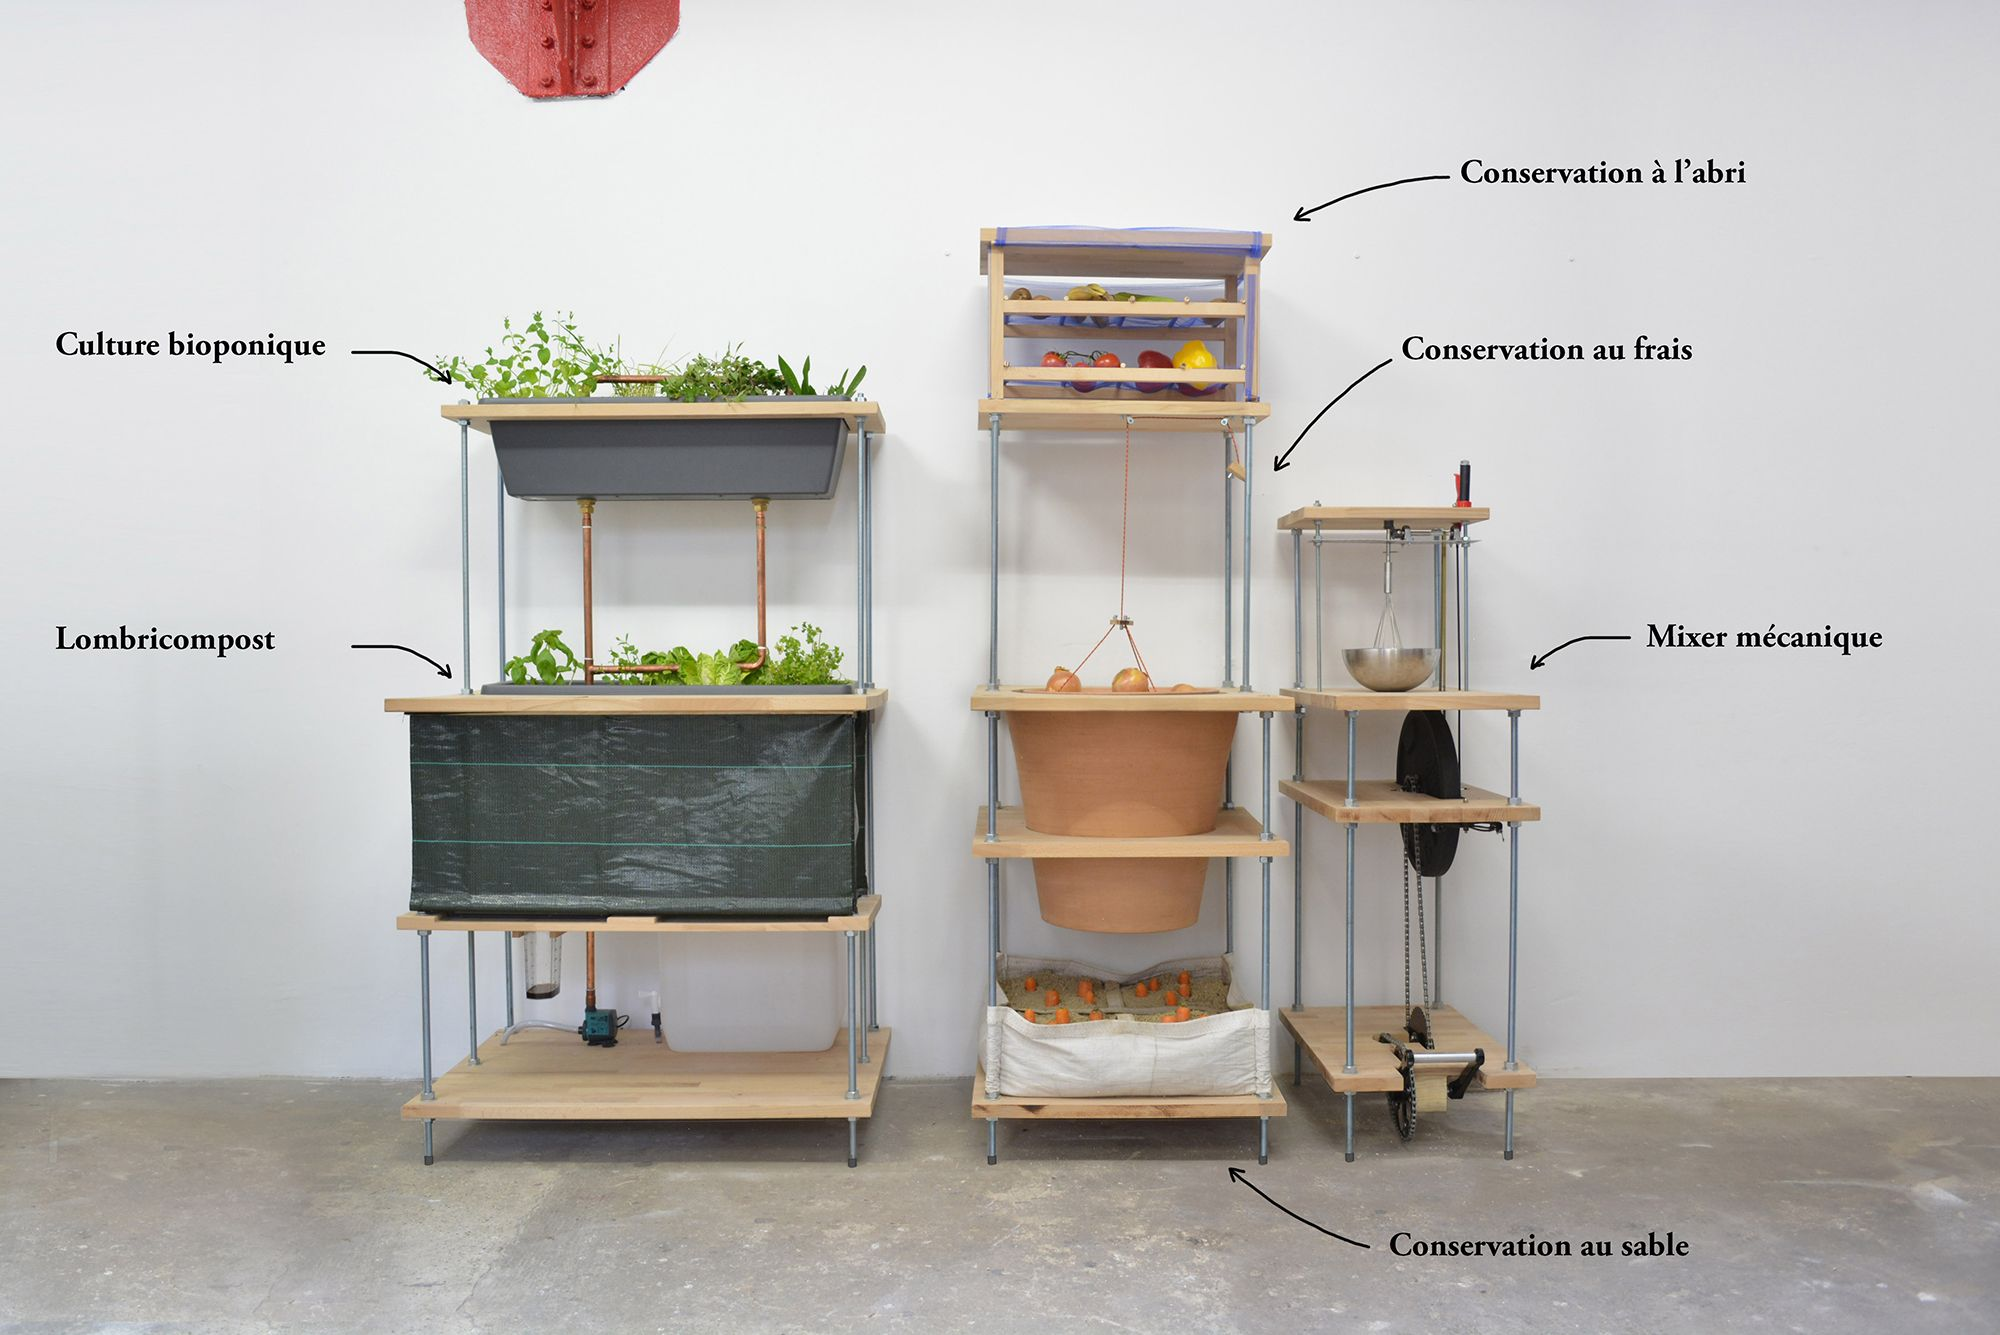 Cuisine Alternative Sans Frigo Par Audrey Bigot Idees Pour La Maison Rangement Cuisine Rangement Legumes